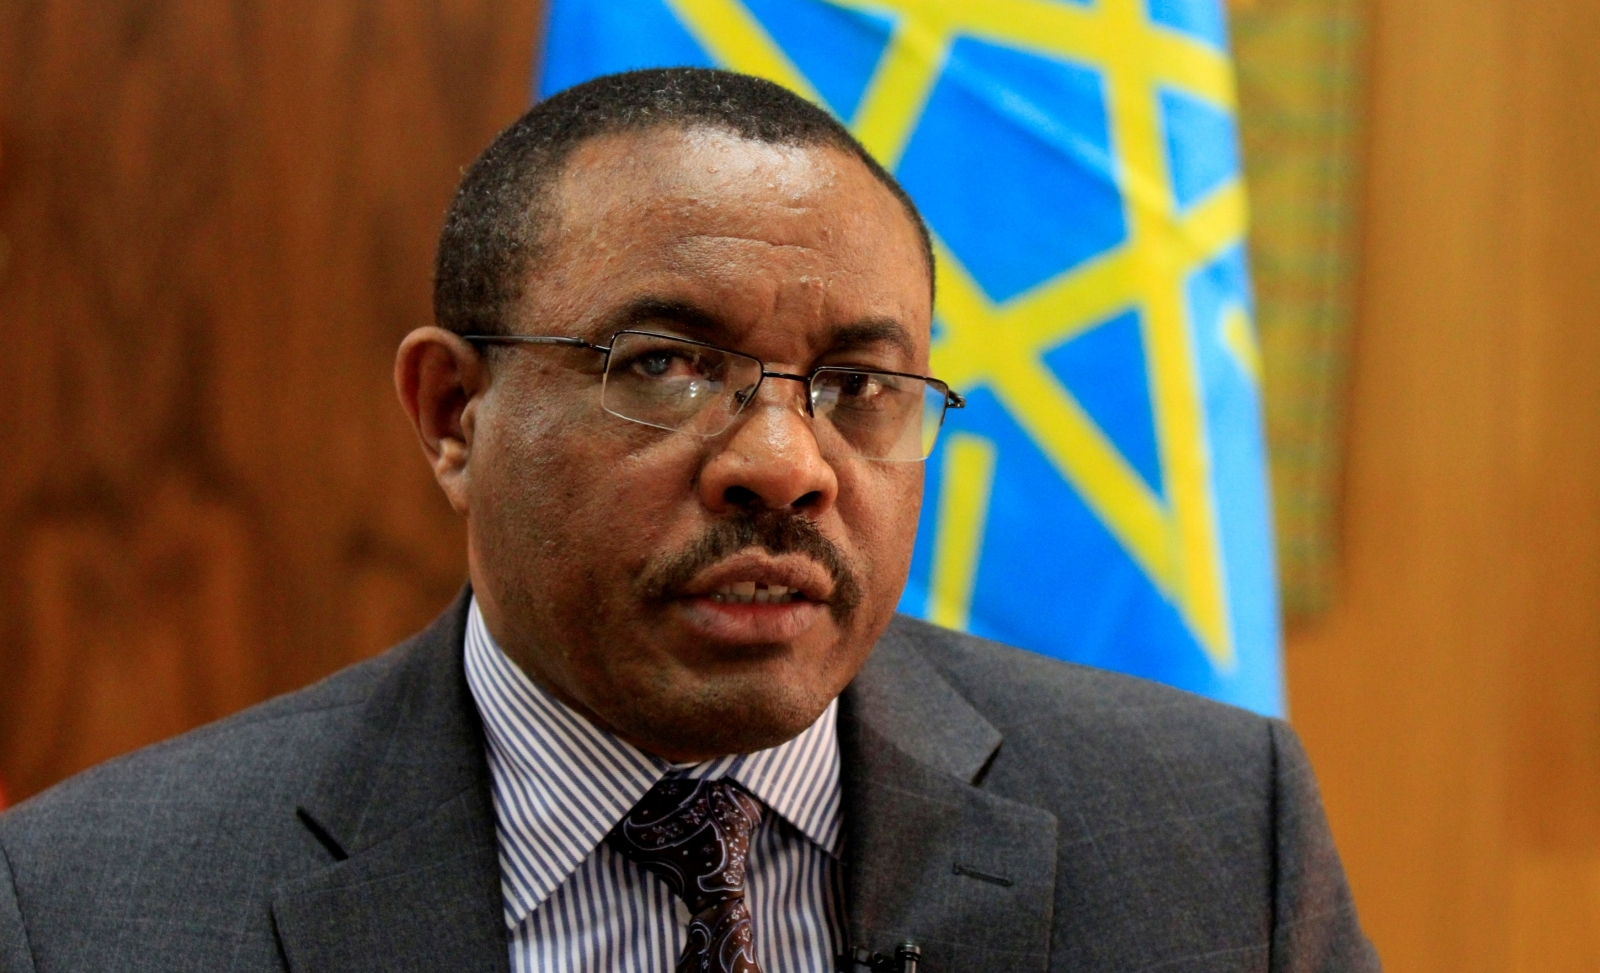 Ethiopia Prime Minister resignation